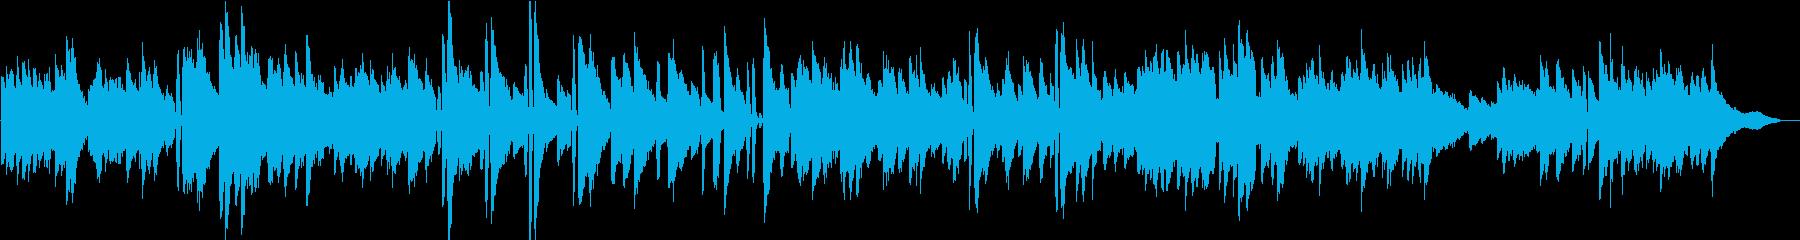 生演奏 優雅な雰囲気のピアノ曲の再生済みの波形